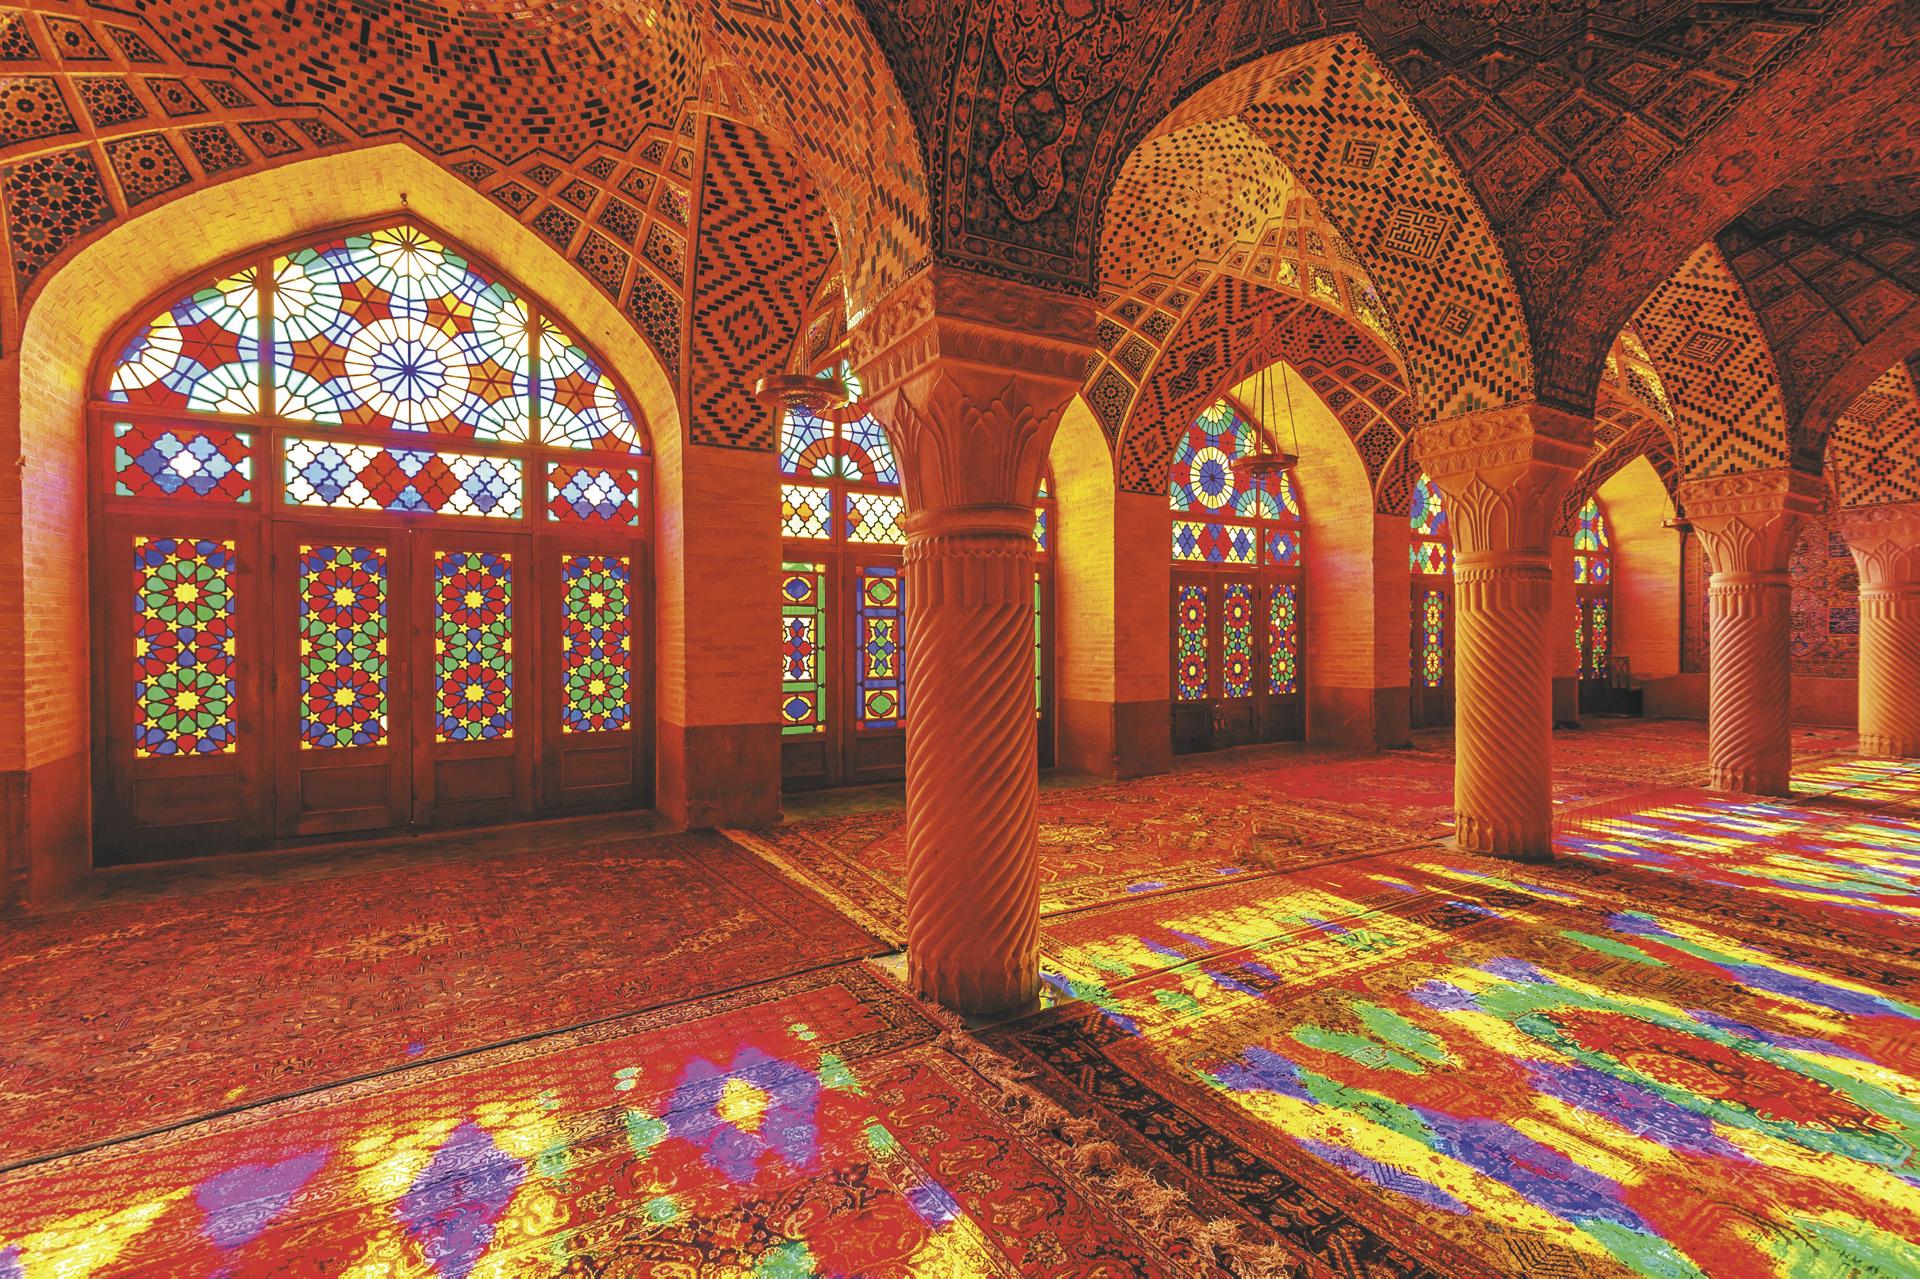 Iran, Shiraz, Nasir ol Molk Moschee - ©Fotolia, ©JPAaron - Fotolia